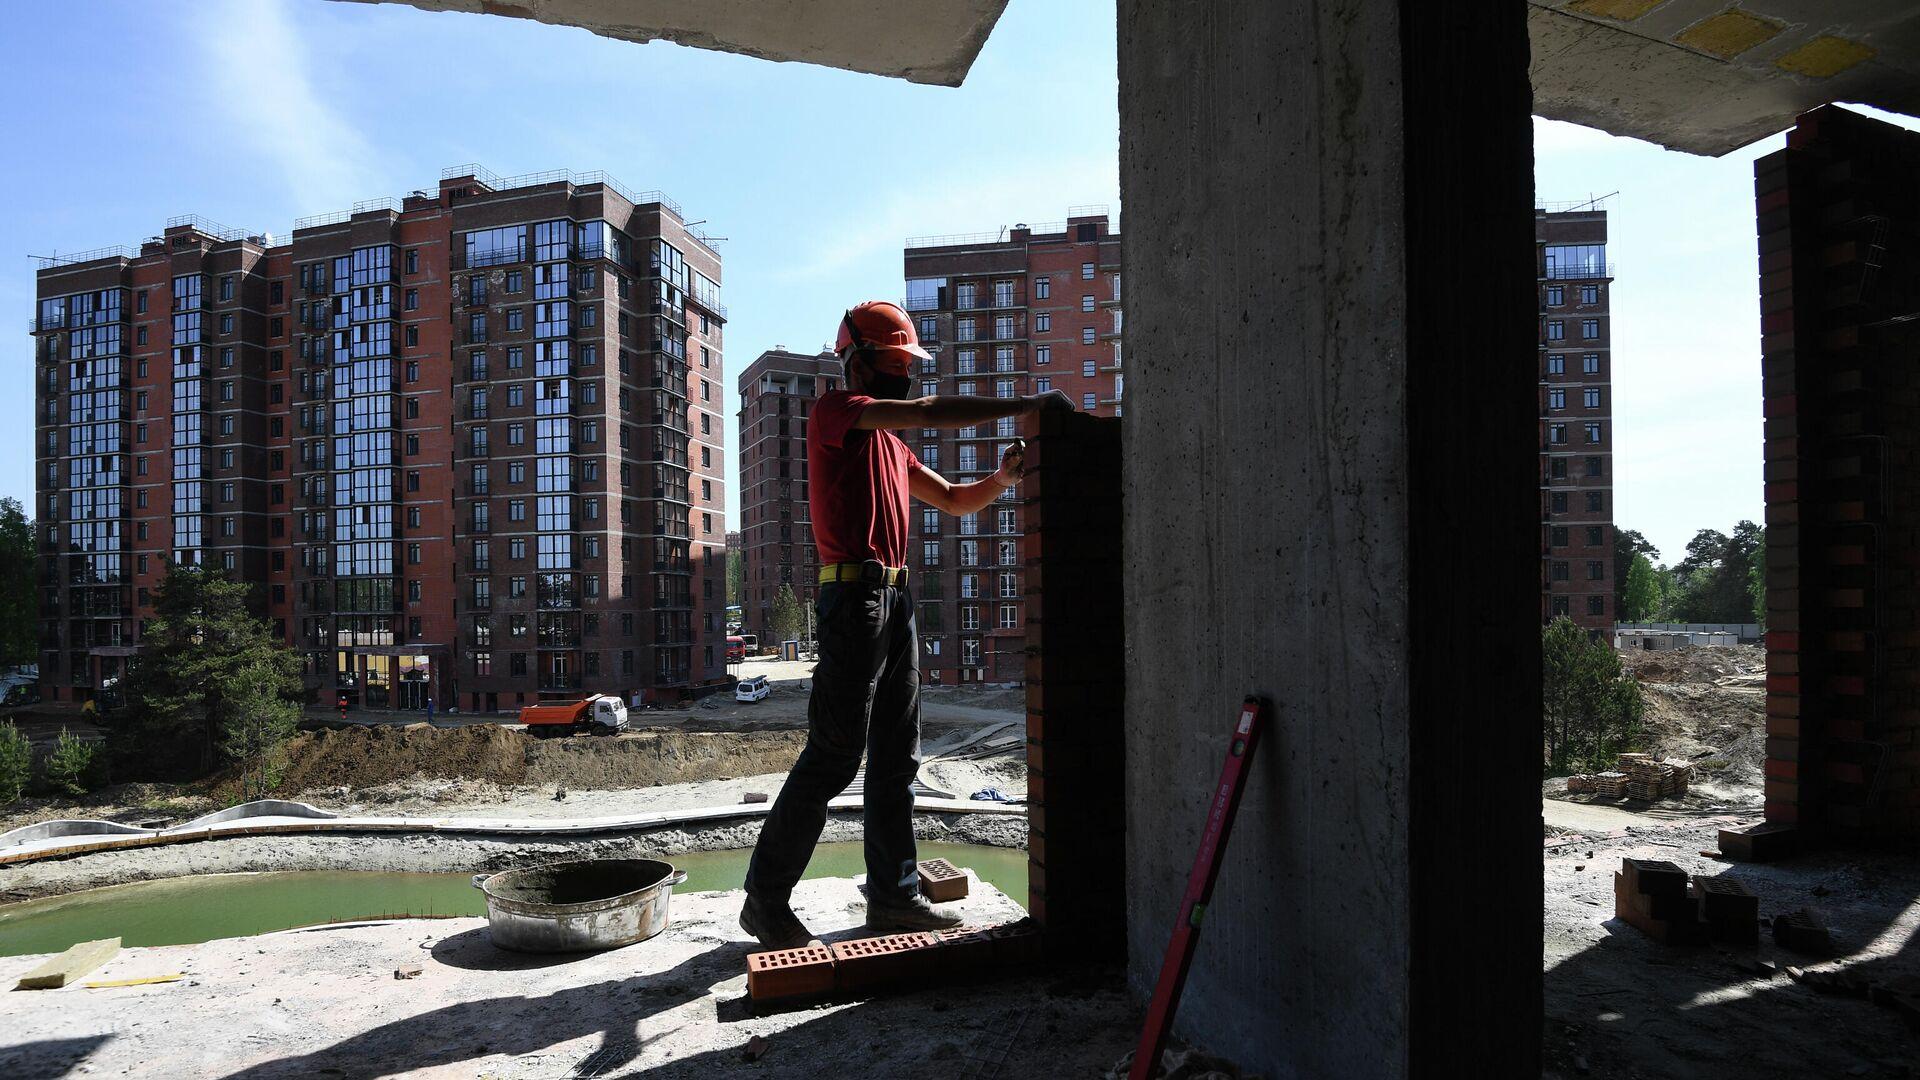 Строительство нового микрорайона в Новосибирске - РИА Новости, 1920, 27.09.2021